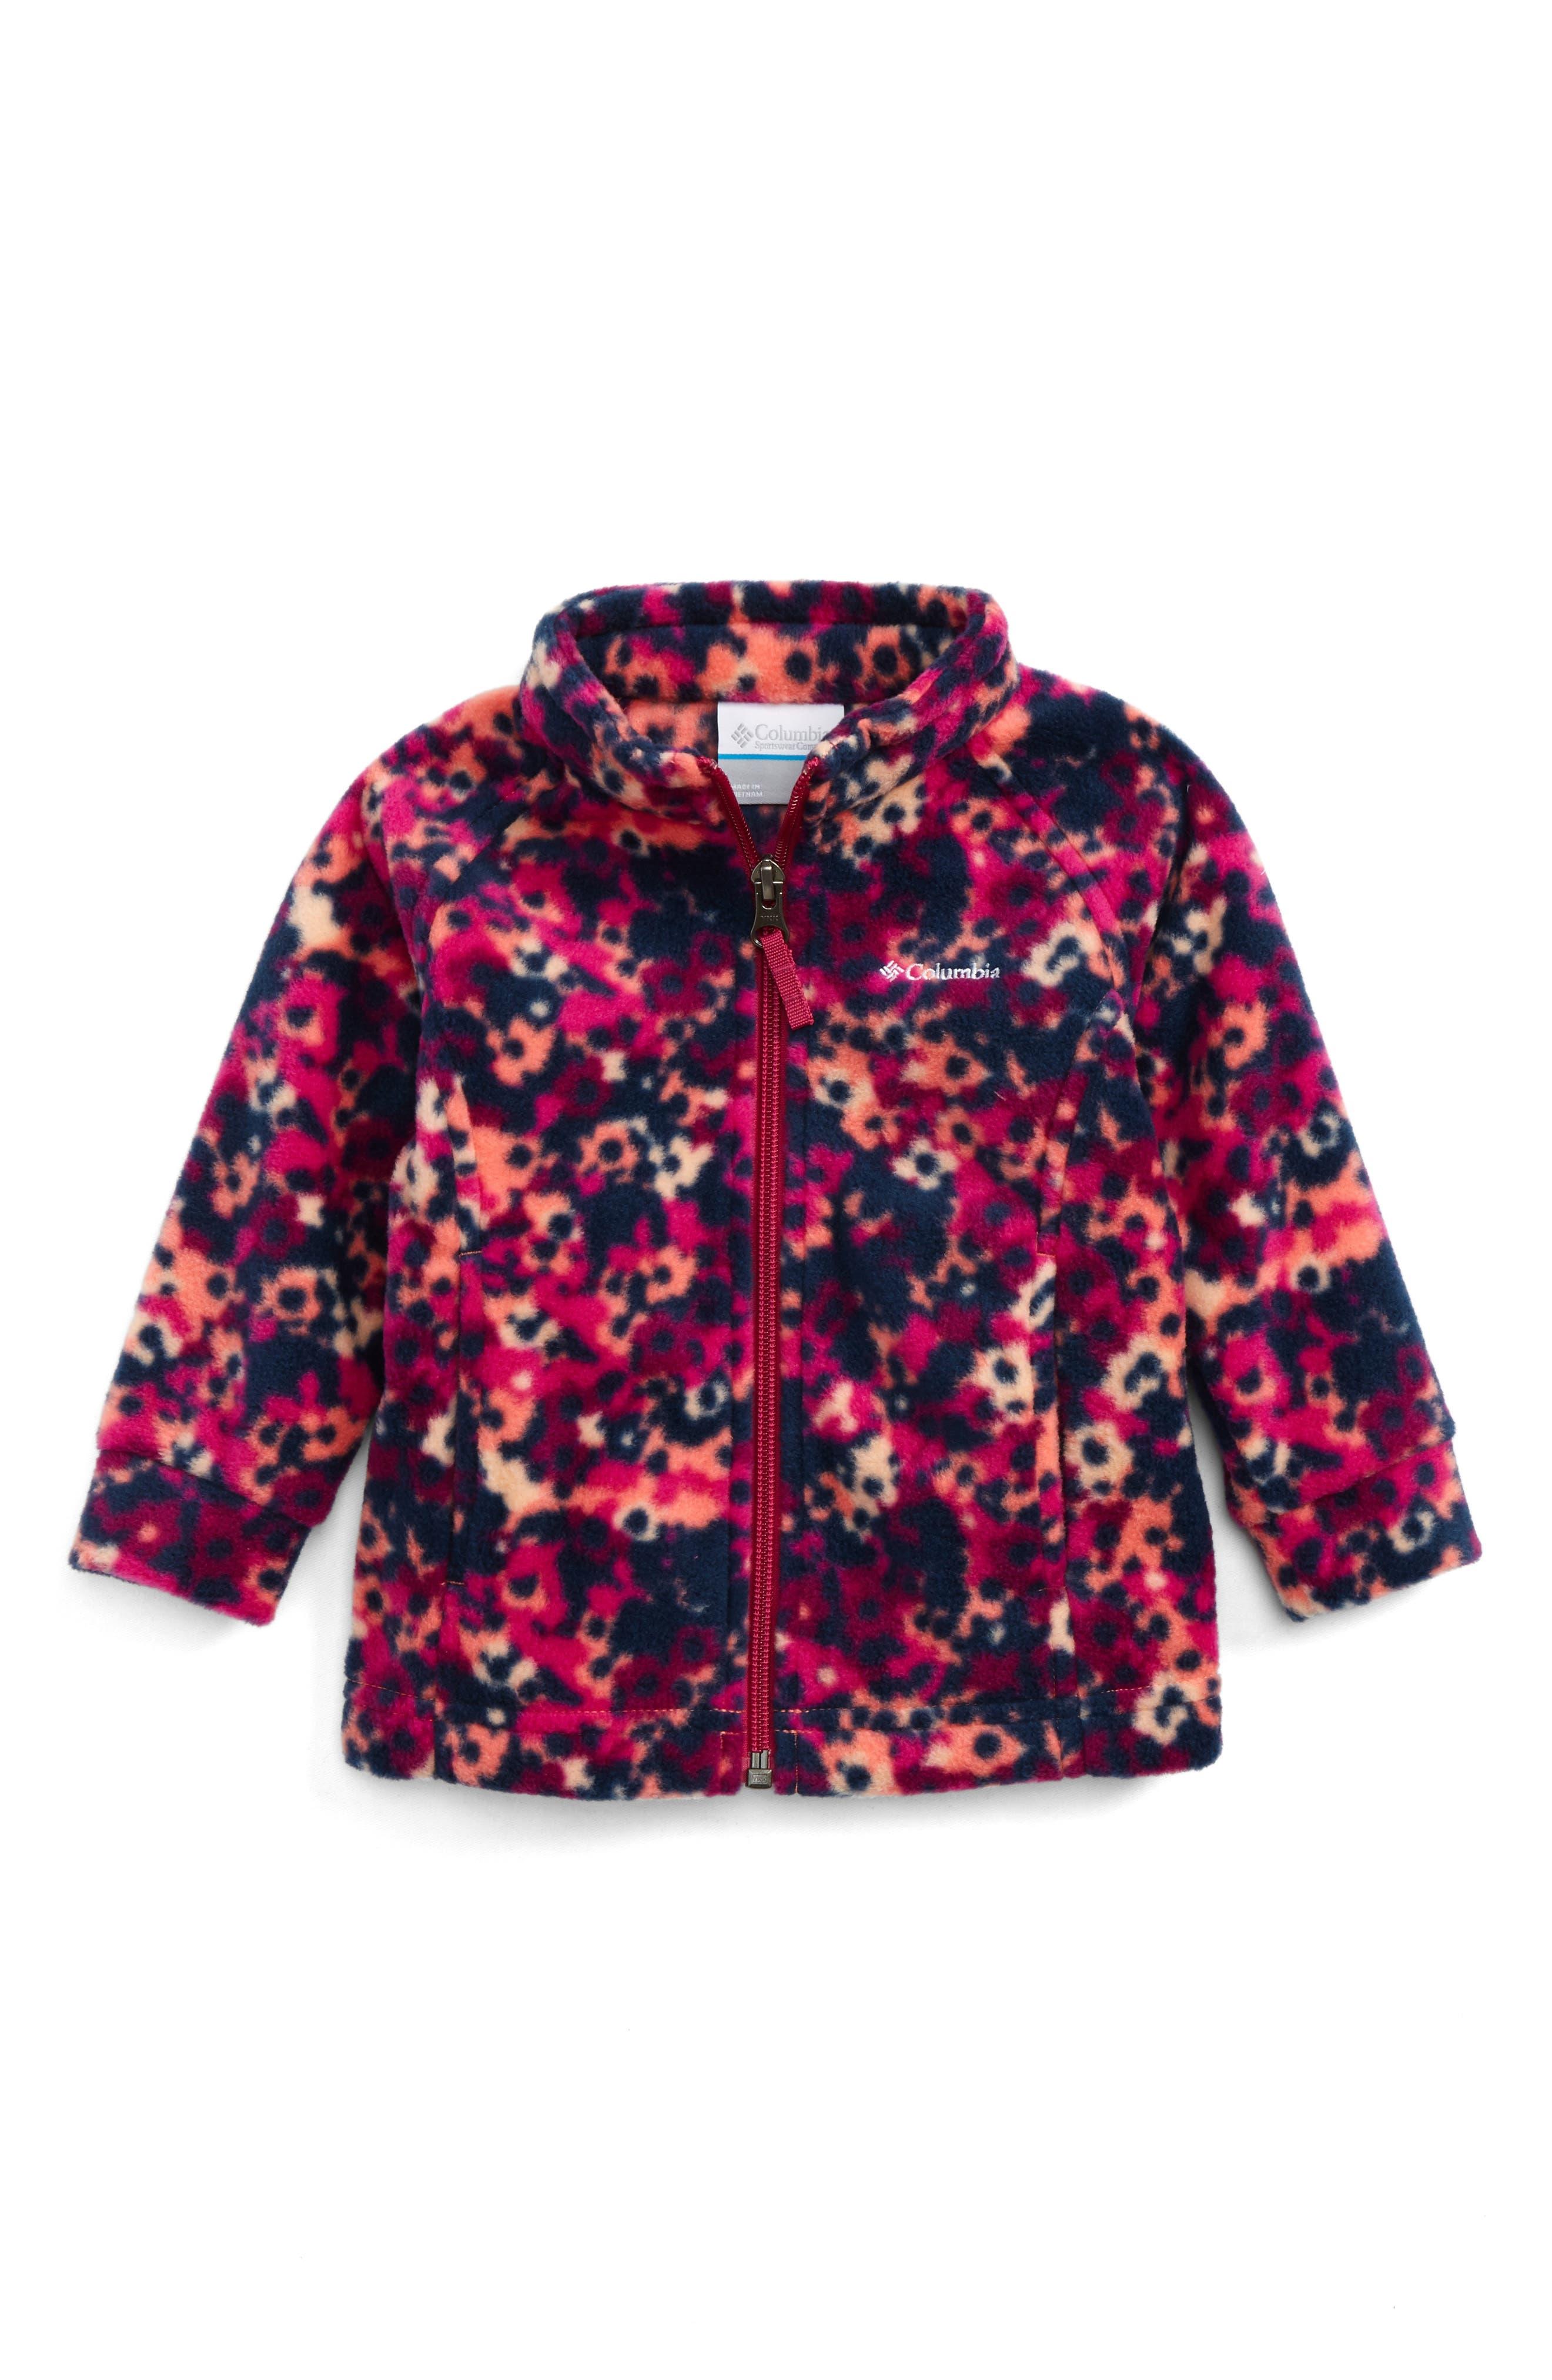 Columbia Benton Springs II Fleece Jacket (Baby Girls)